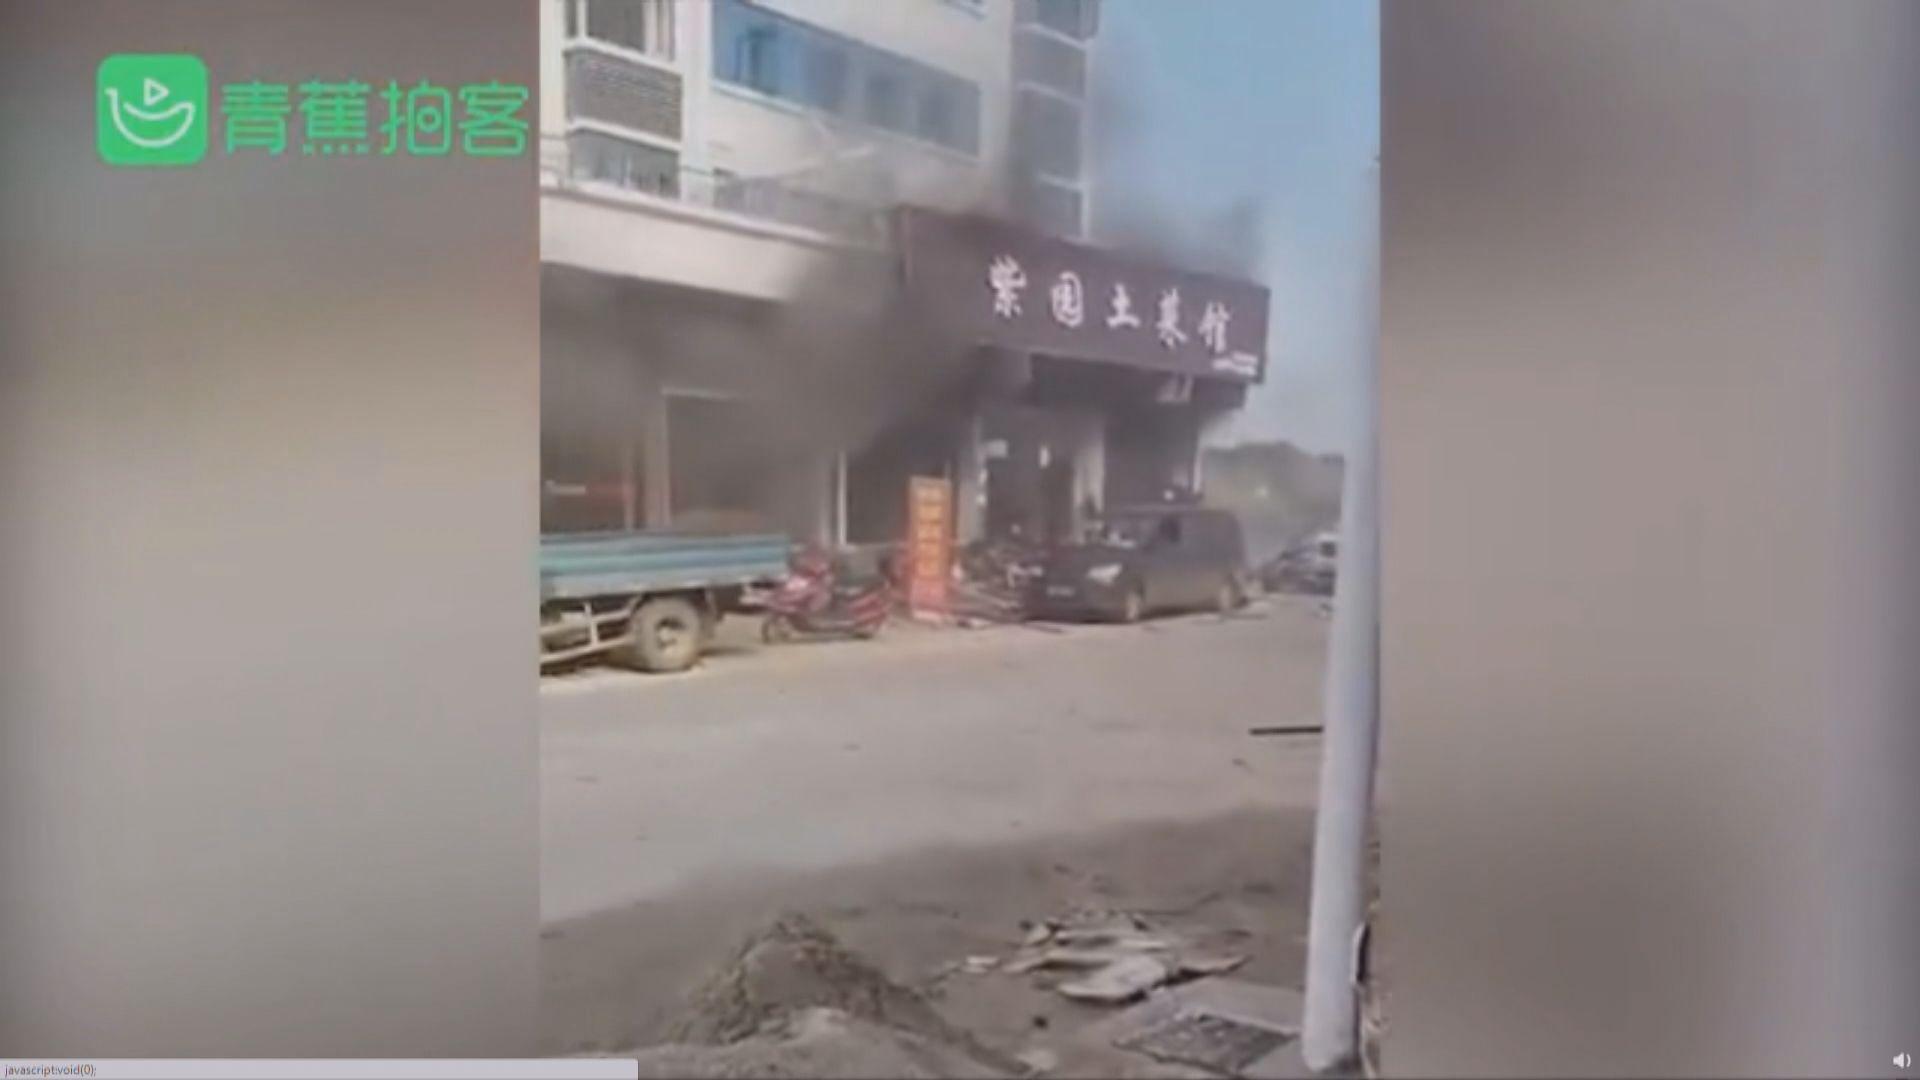 湖南汨羅市有餐廳發生爆炸 至少34人受傷